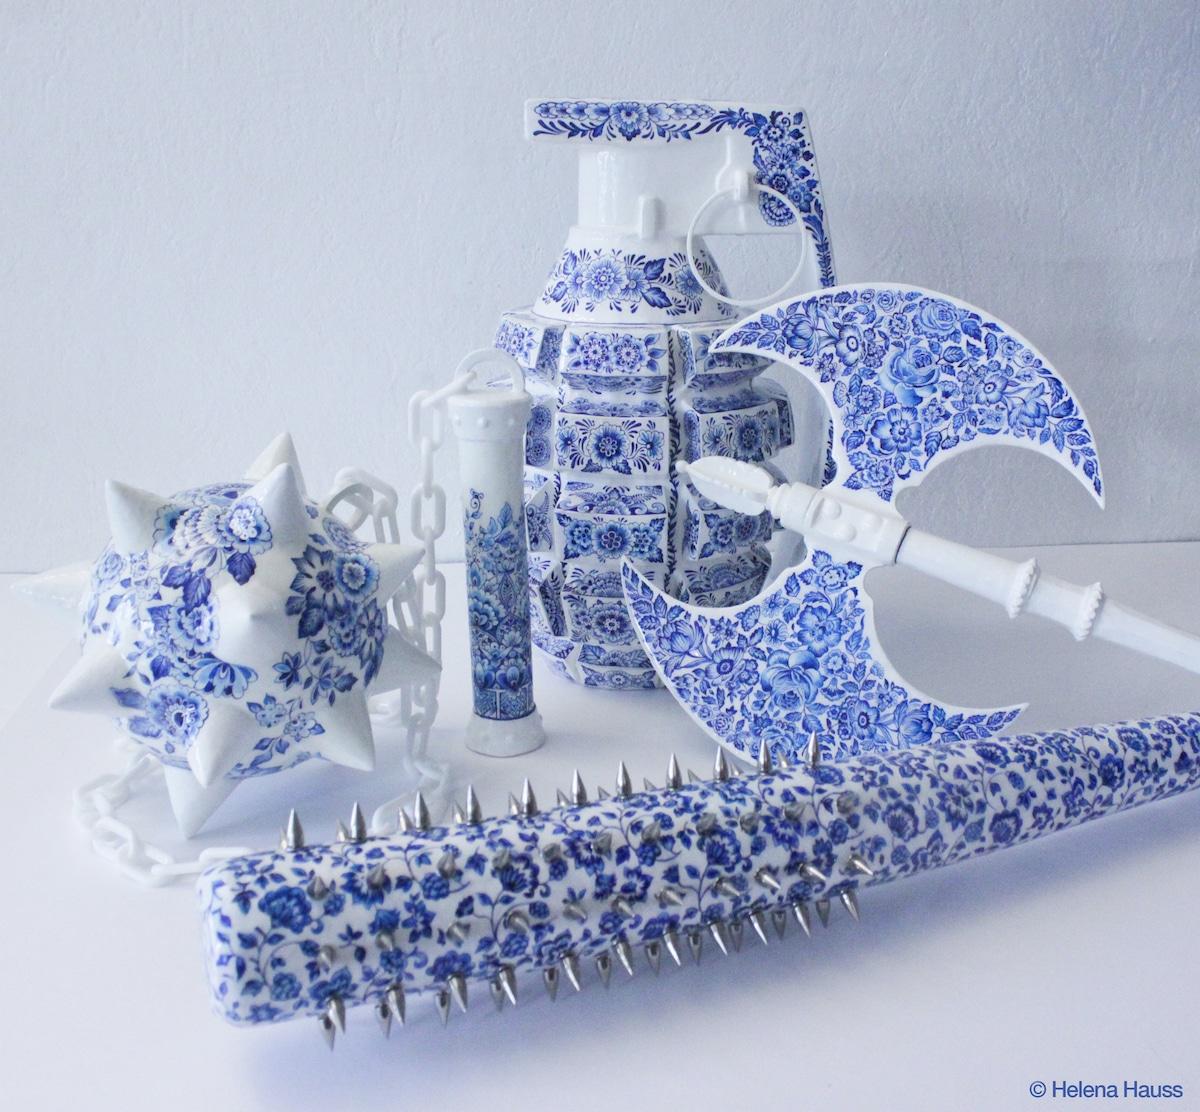 armas de porcelana Helena Hauss por Helena Hauss